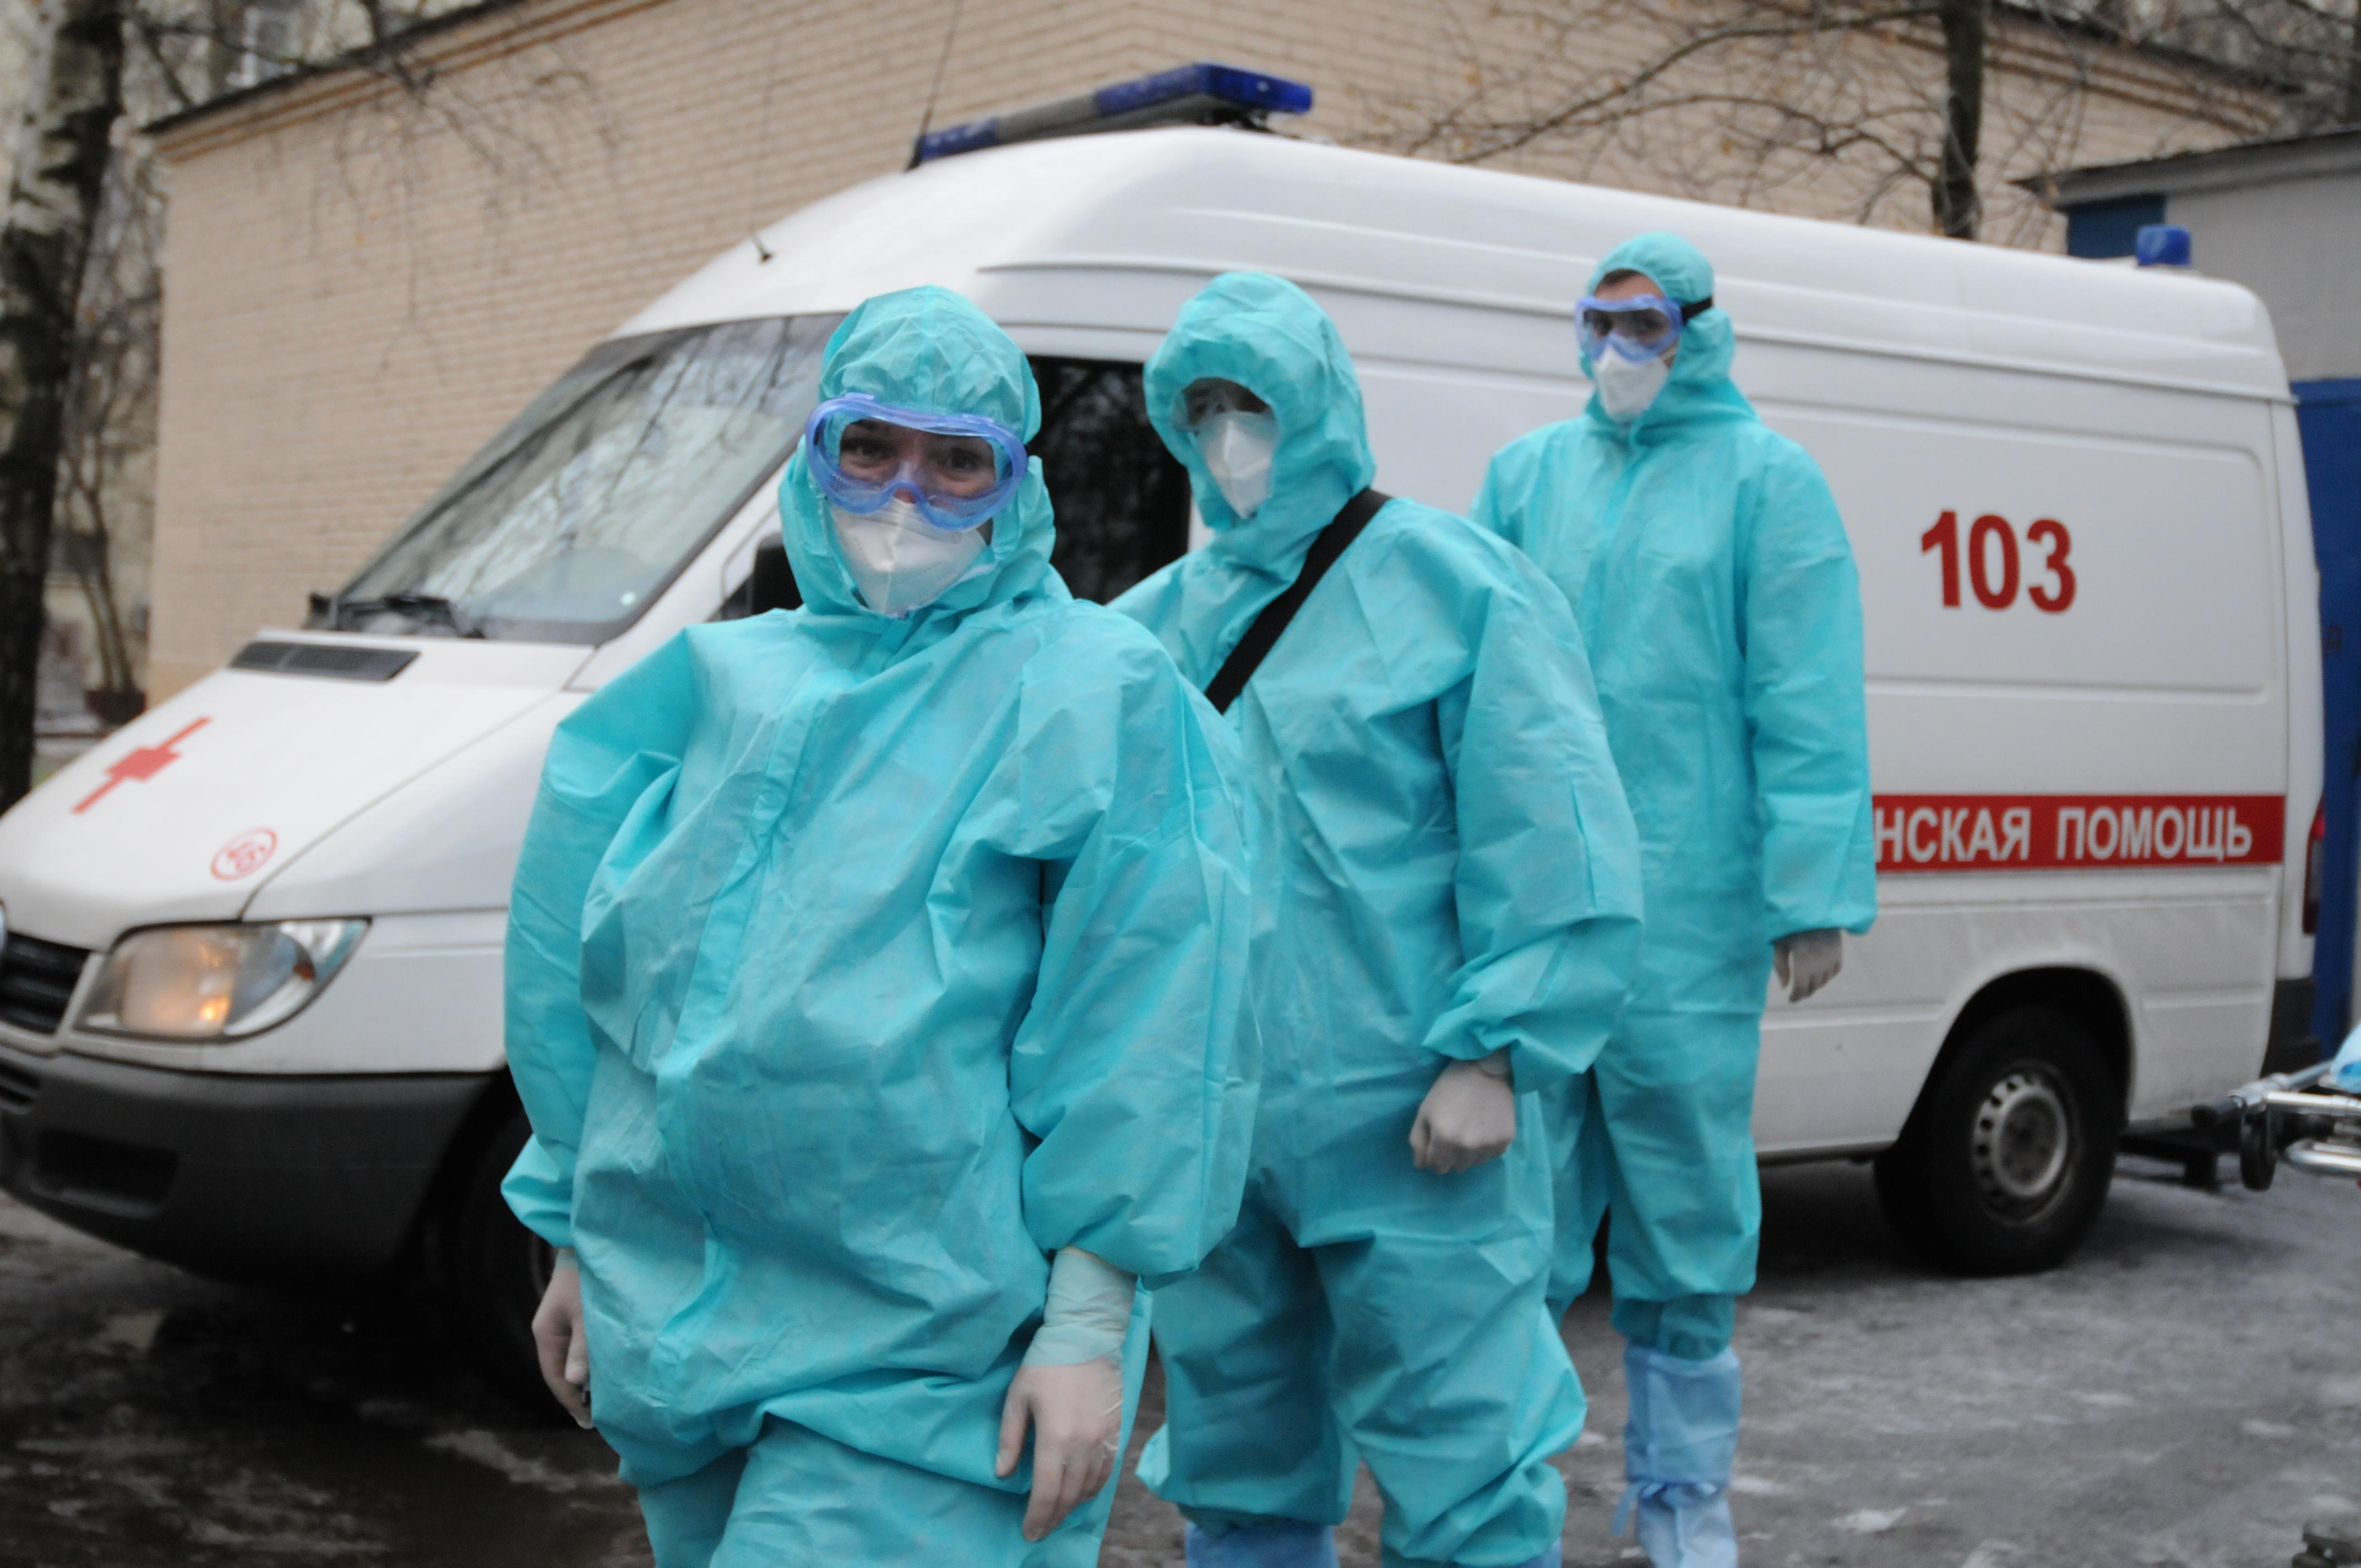 Горожанам рассказали о помощи пациентам с коронавирусом в резервном госпитале в автомобильном торговом центре «Москва»